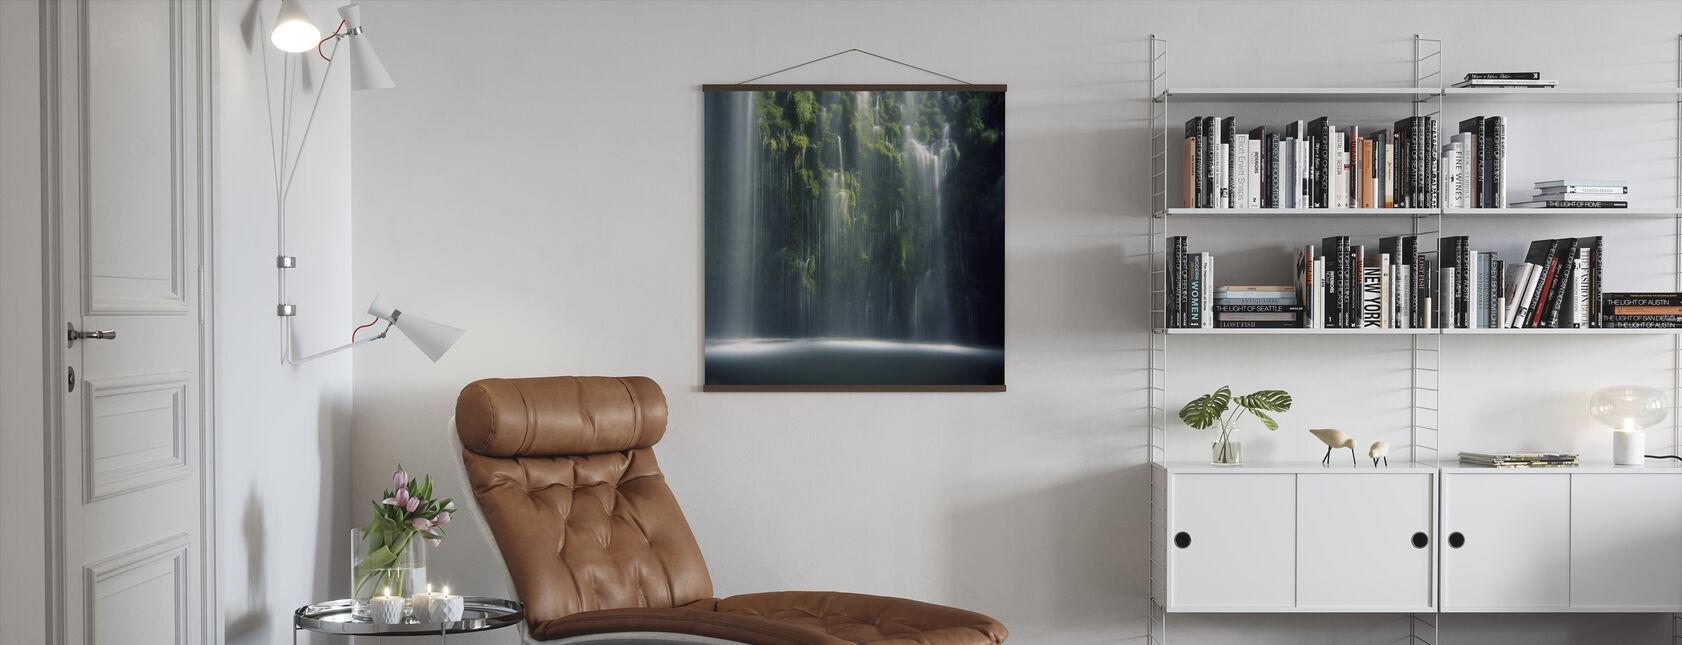 Moosbrae fällt im Sonnenlicht - Poster - Wohnzimmer